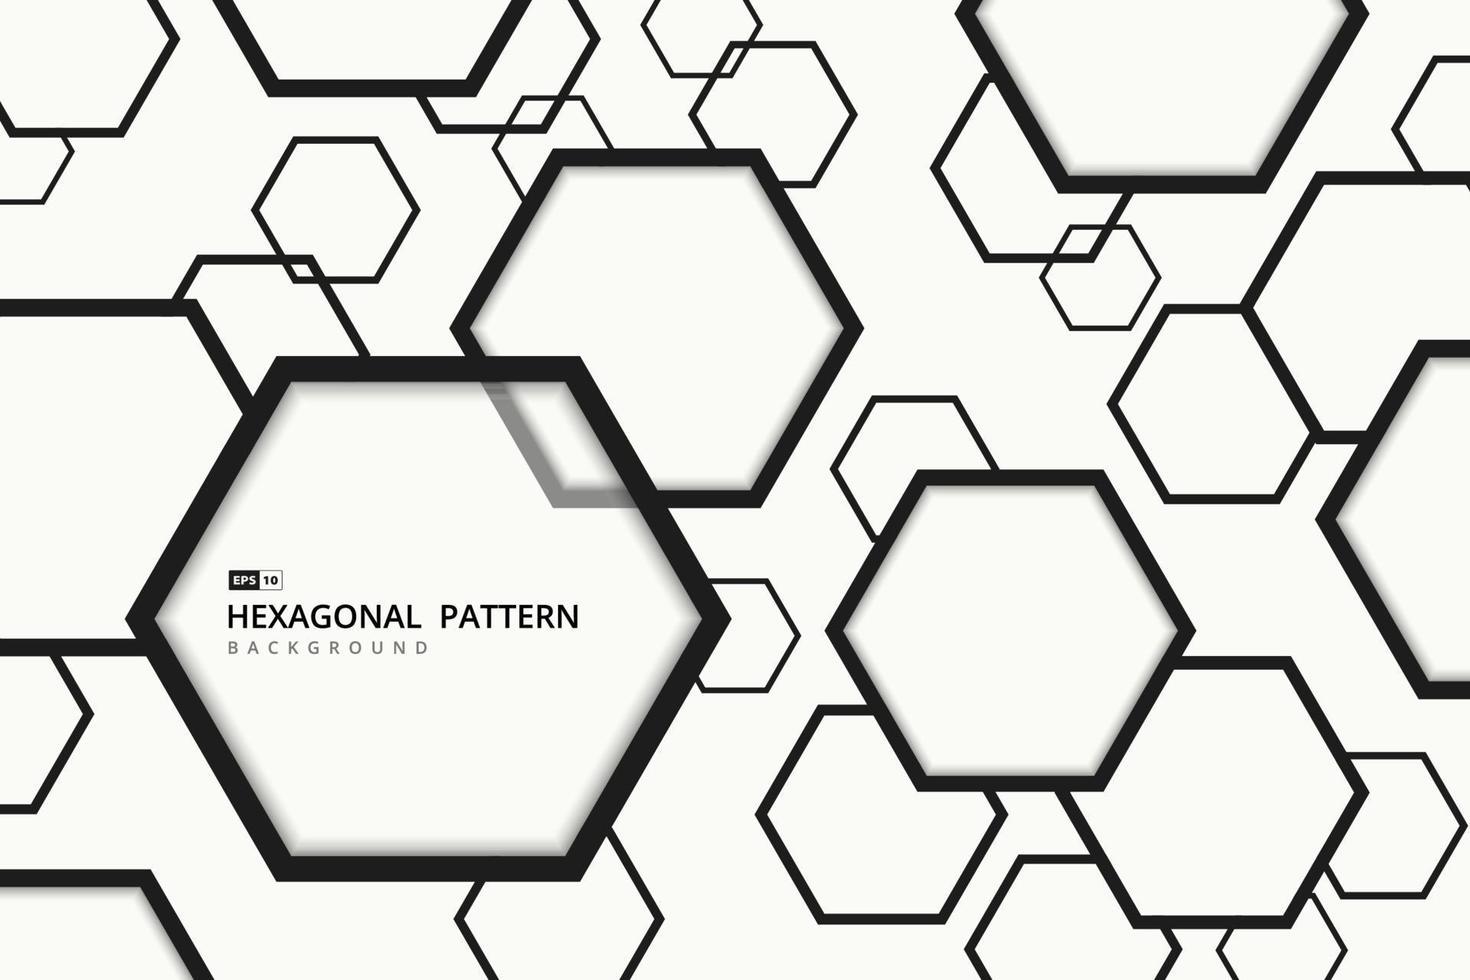 abstrakt sexkantig mönster design av täcka konst bakgrund. illustration vektor eps10